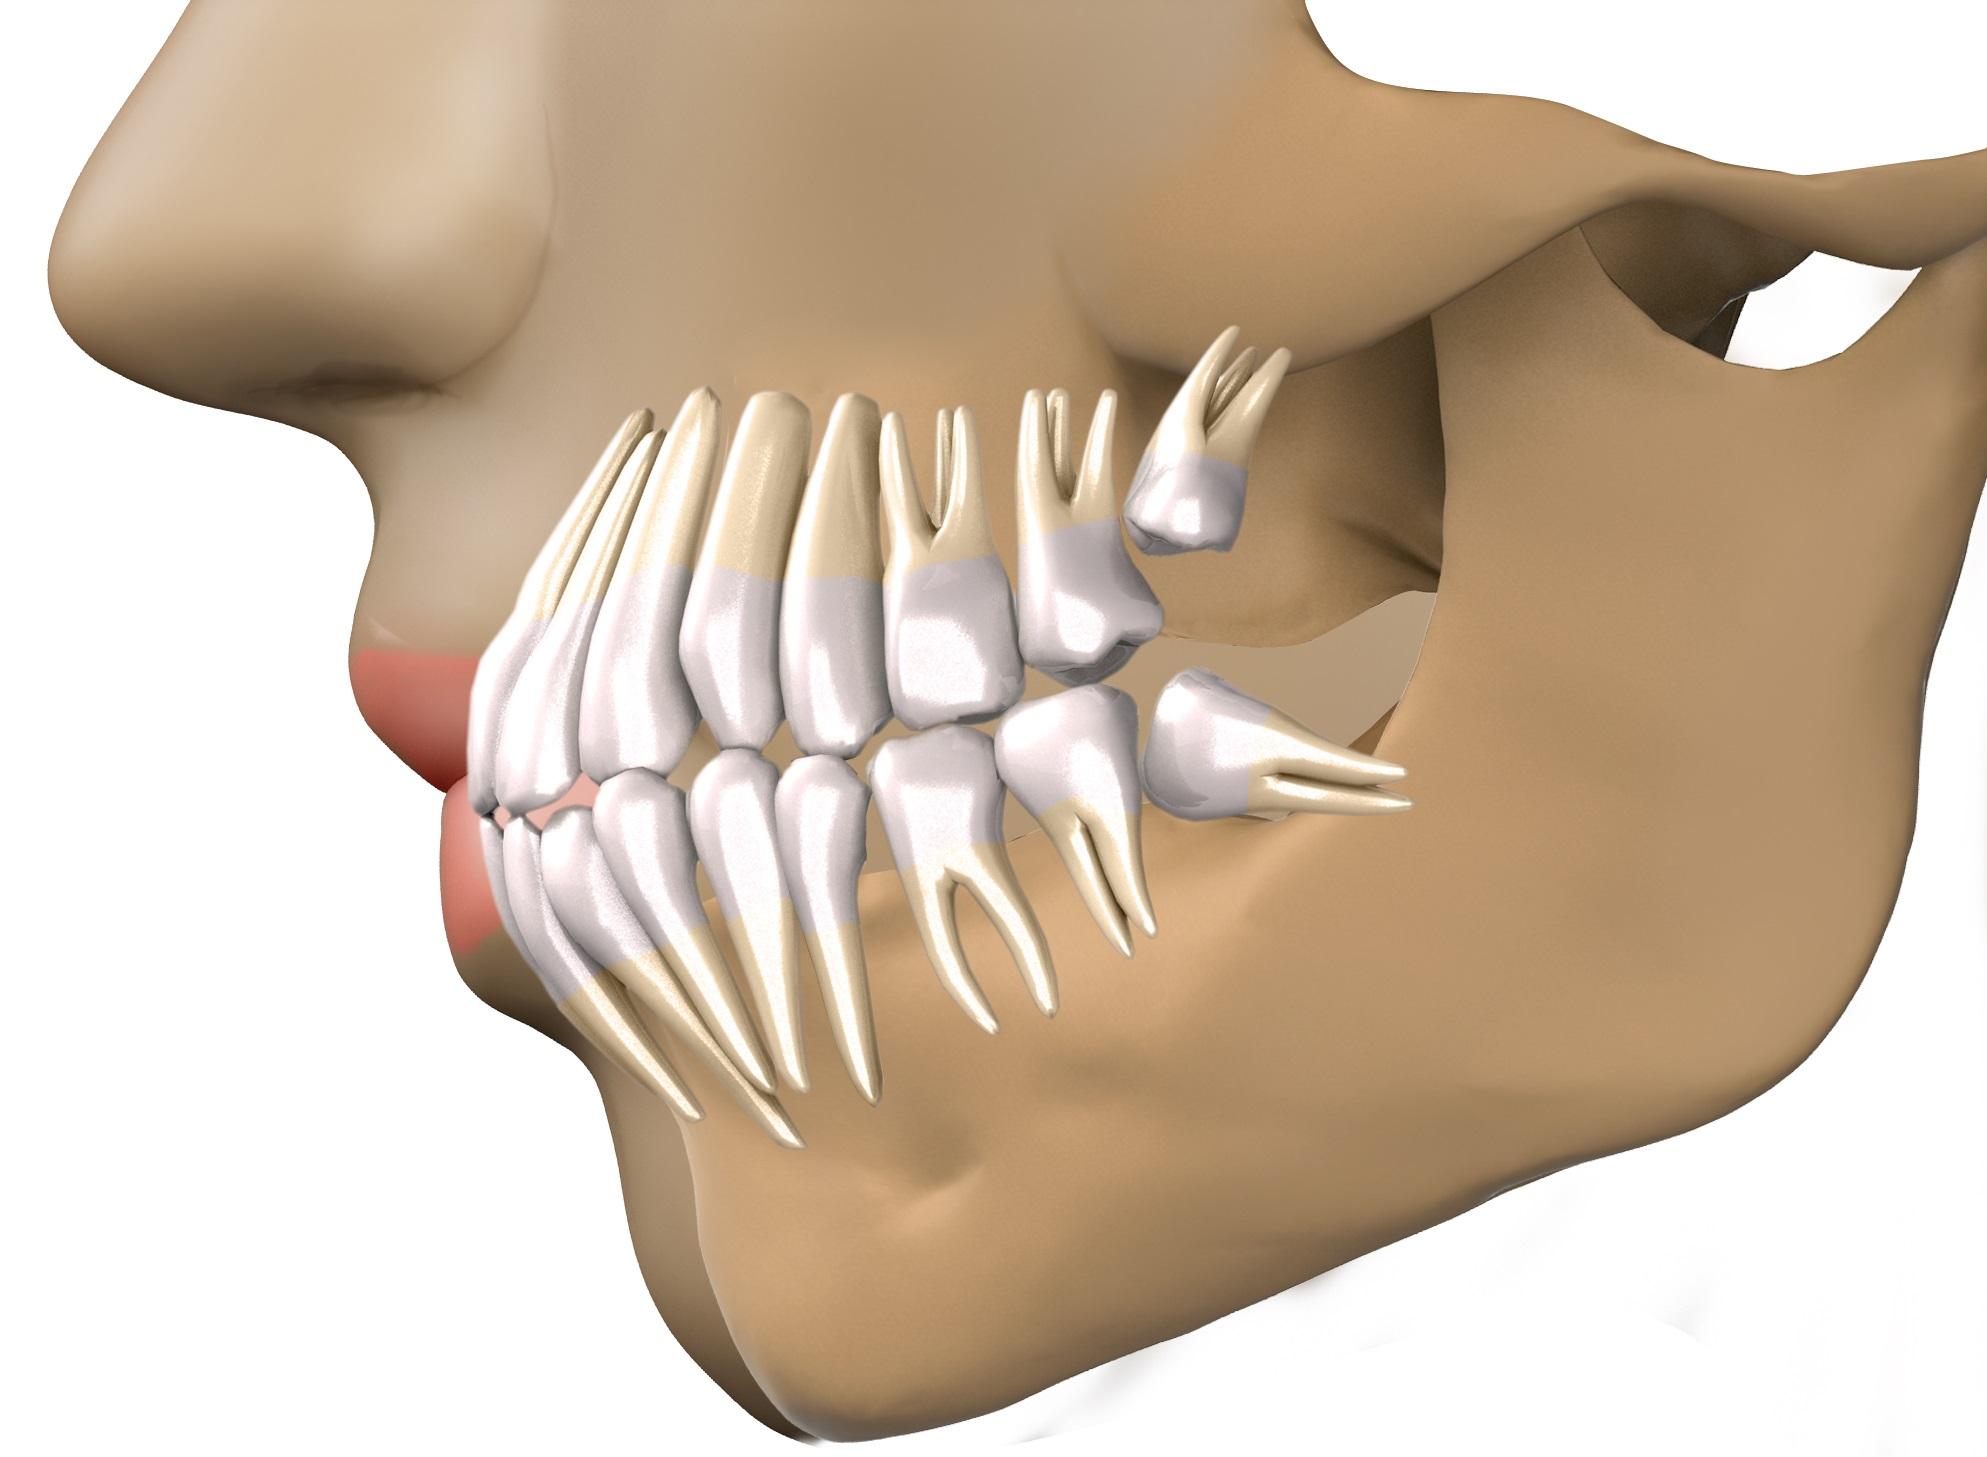 Когда нужно удаление зуба мудрости. Возможные последствия и осложнения операциии